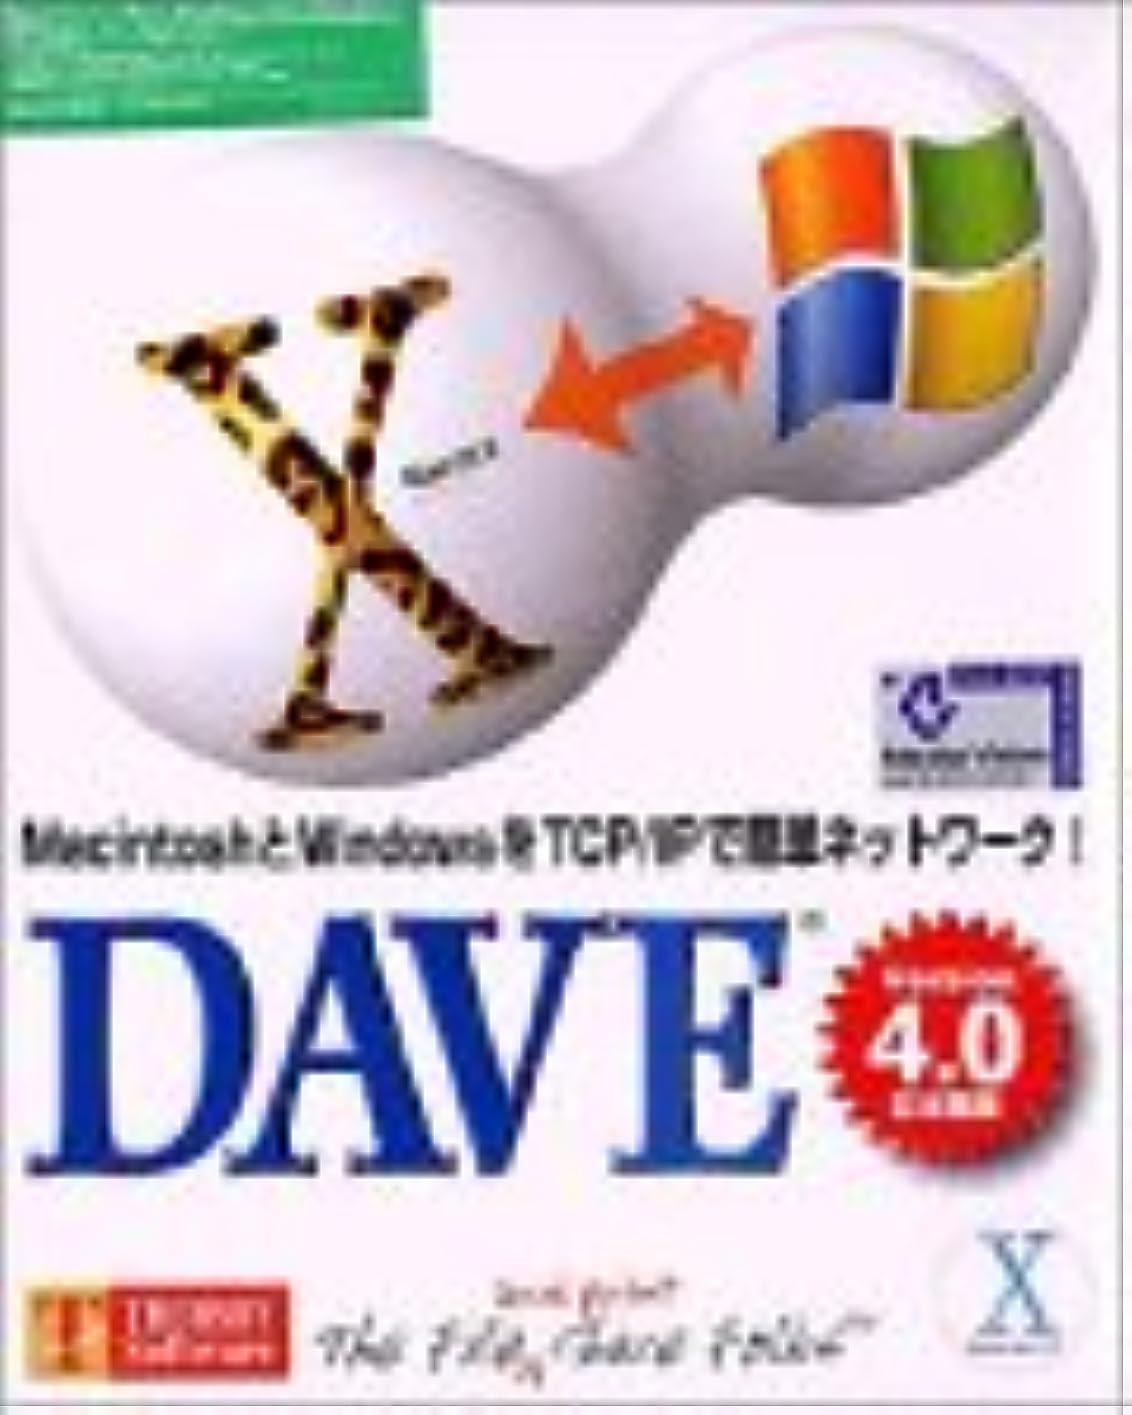 予防接種する利得先駆者DAVE 4.0J アカデミック